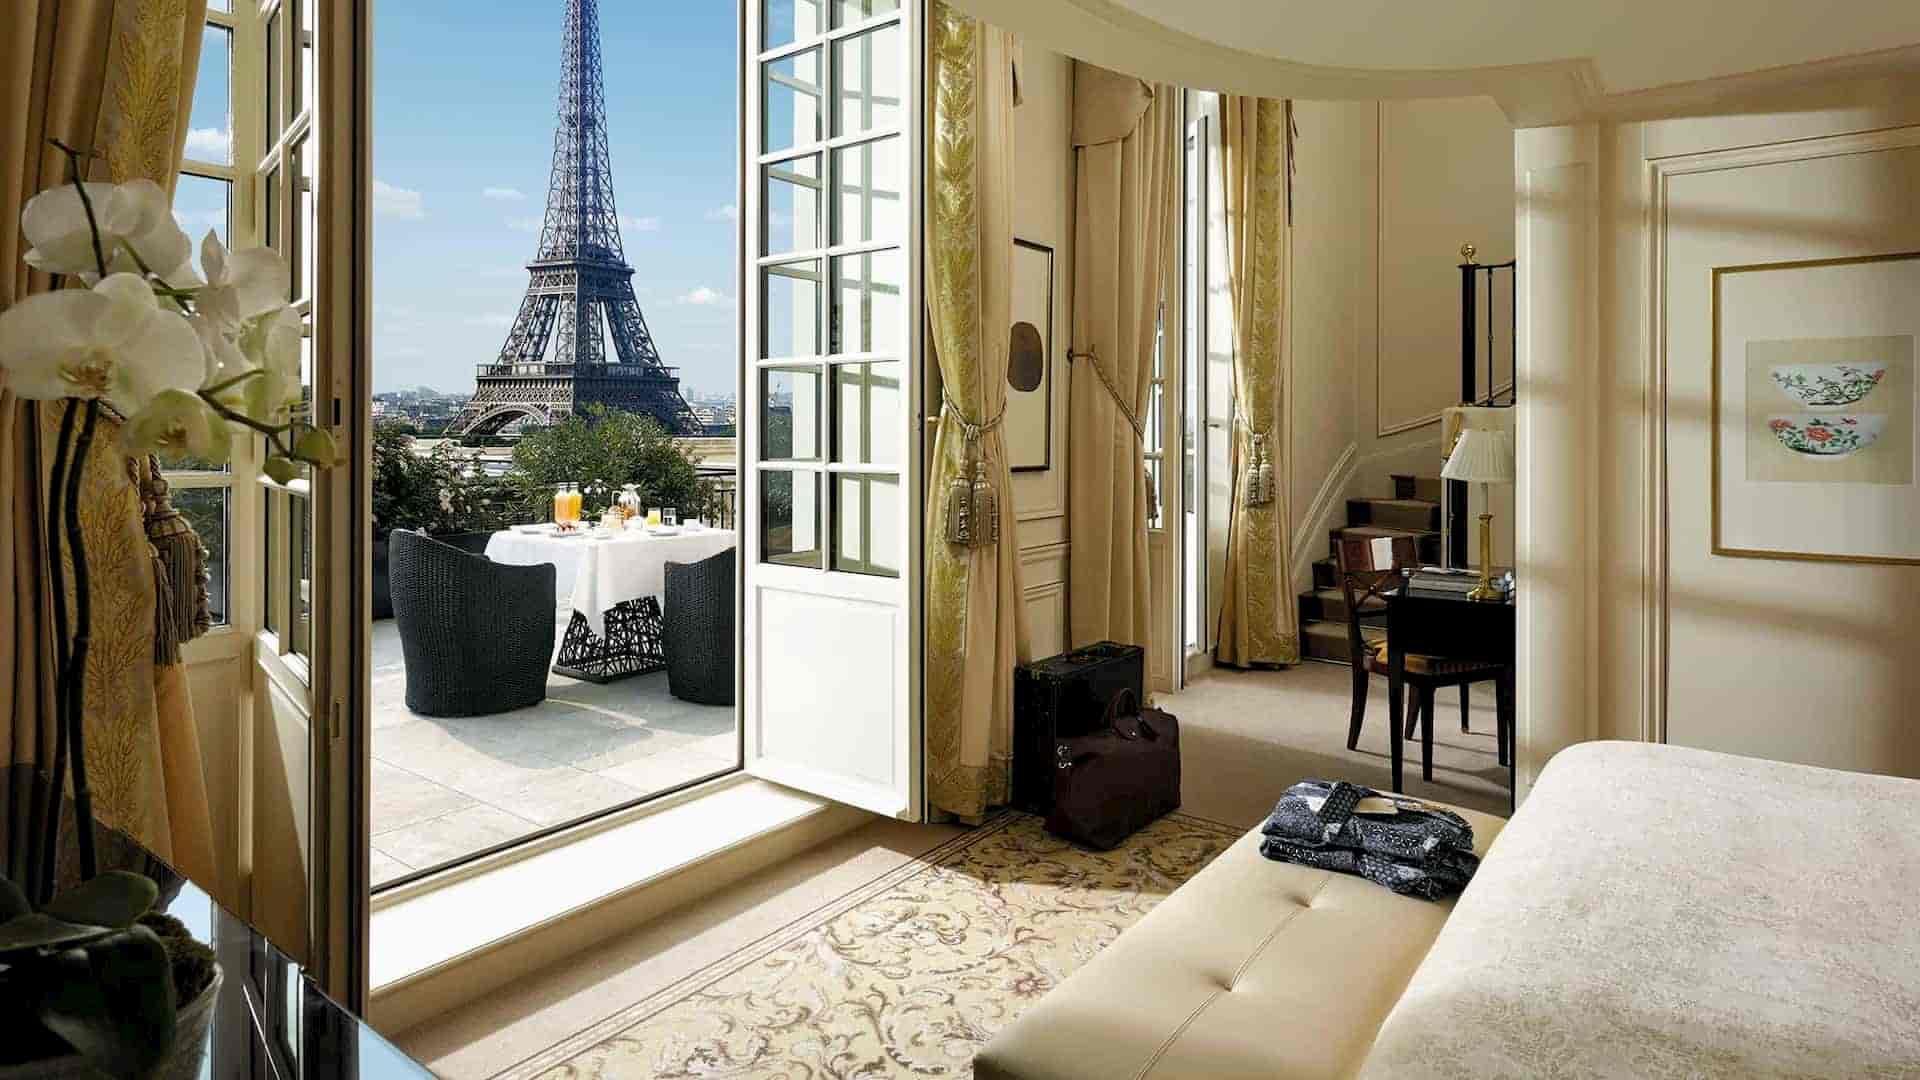 proposte di matrimonio Parigi Shangri La